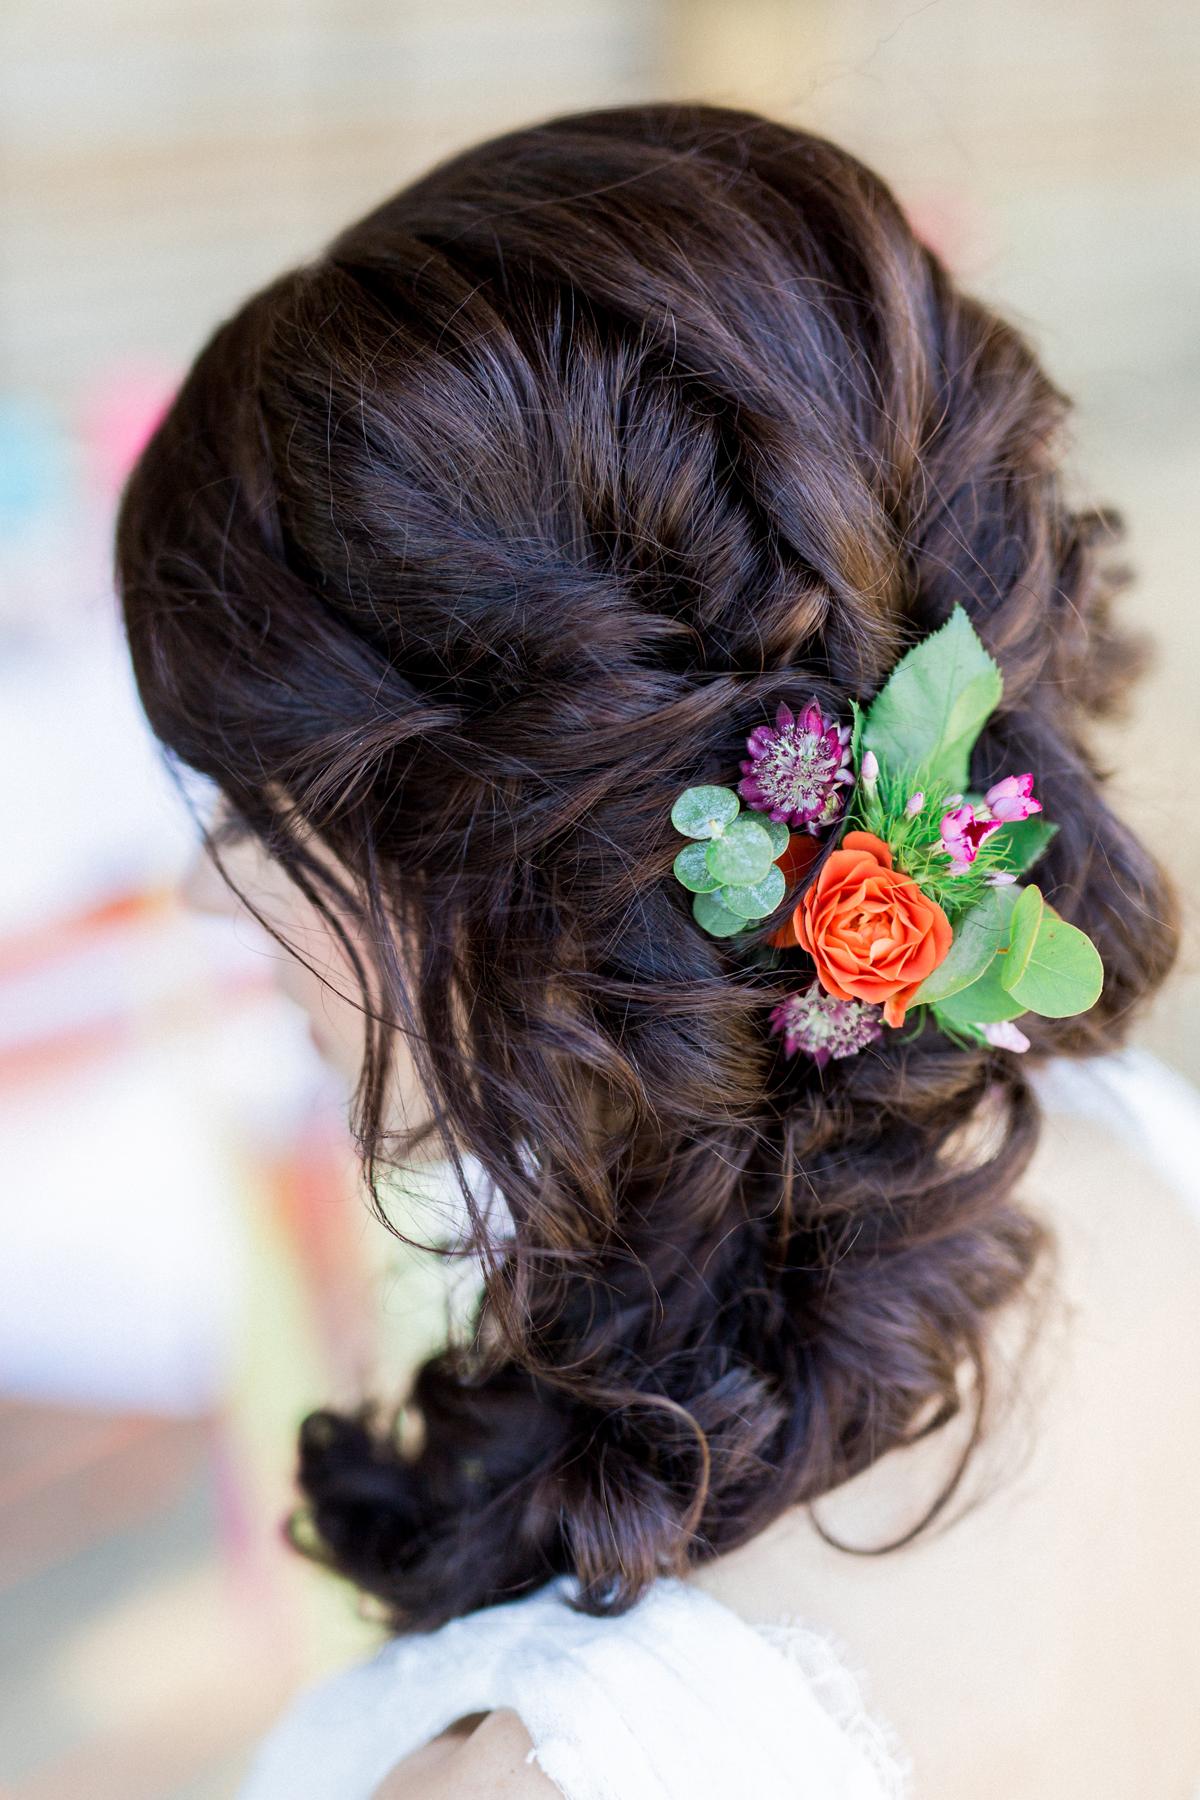 Frisur für Hochzeit lange Haare hochgesteckt mit Blumen